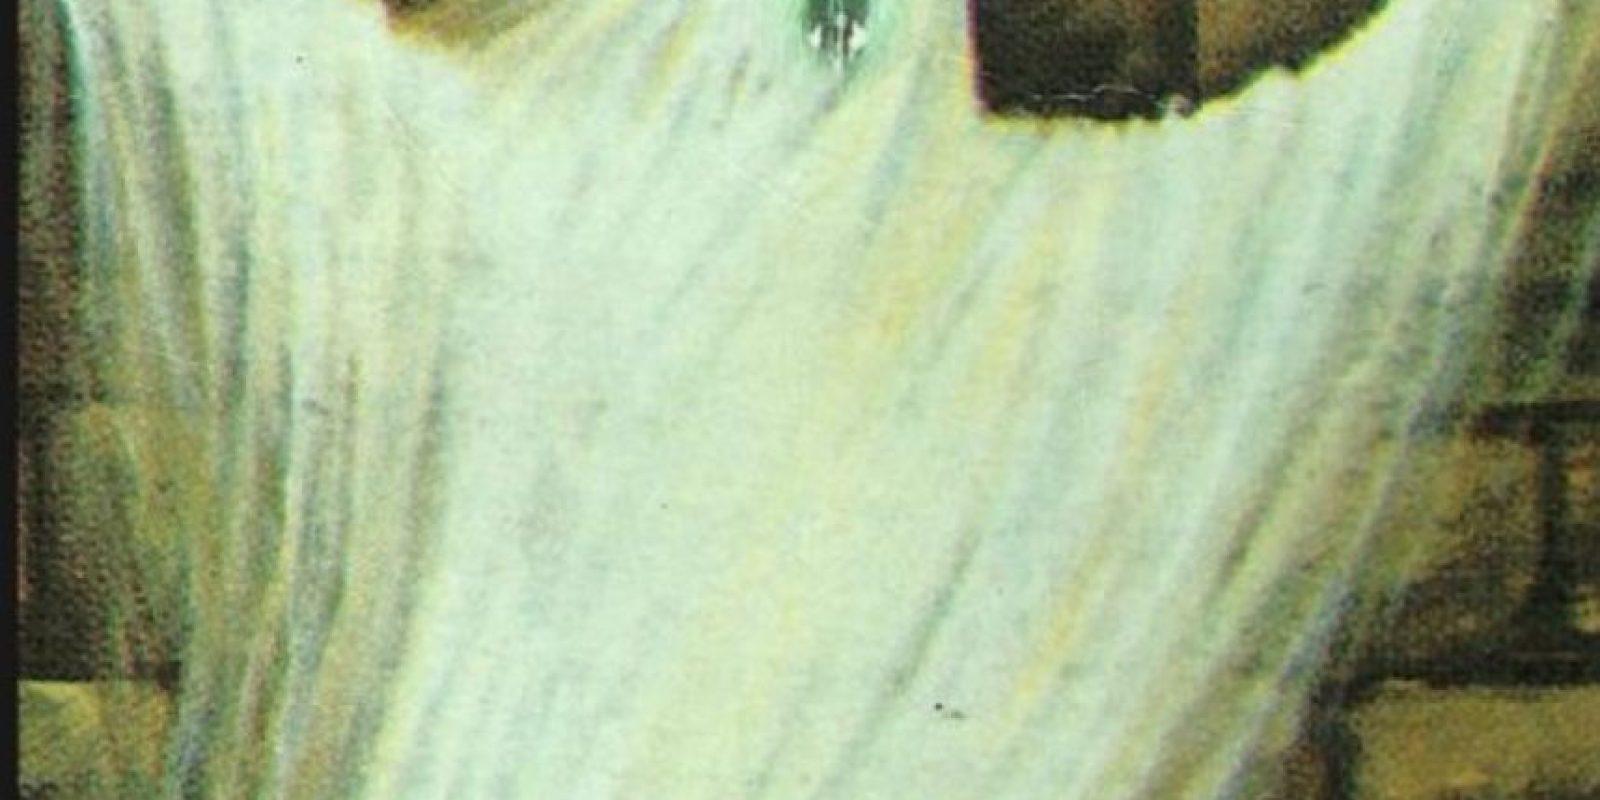 Este testimonio se lo contó un exparamilitar de este bloque a Natalia Springer, en 2007, en El Tiempo. Paramilitares como Macaco hicieron exorcismos y misas de sanación para que los espíritus de las víctimas dejaran de atormentar a sus hombres. Otros tuvieron que enterrar a los muertos con ritos religiosos. De igual modo, se cuentan historias de víctimas del conflicto que asustan en las densas selvas del Darién. Foto:vía Wikipedia